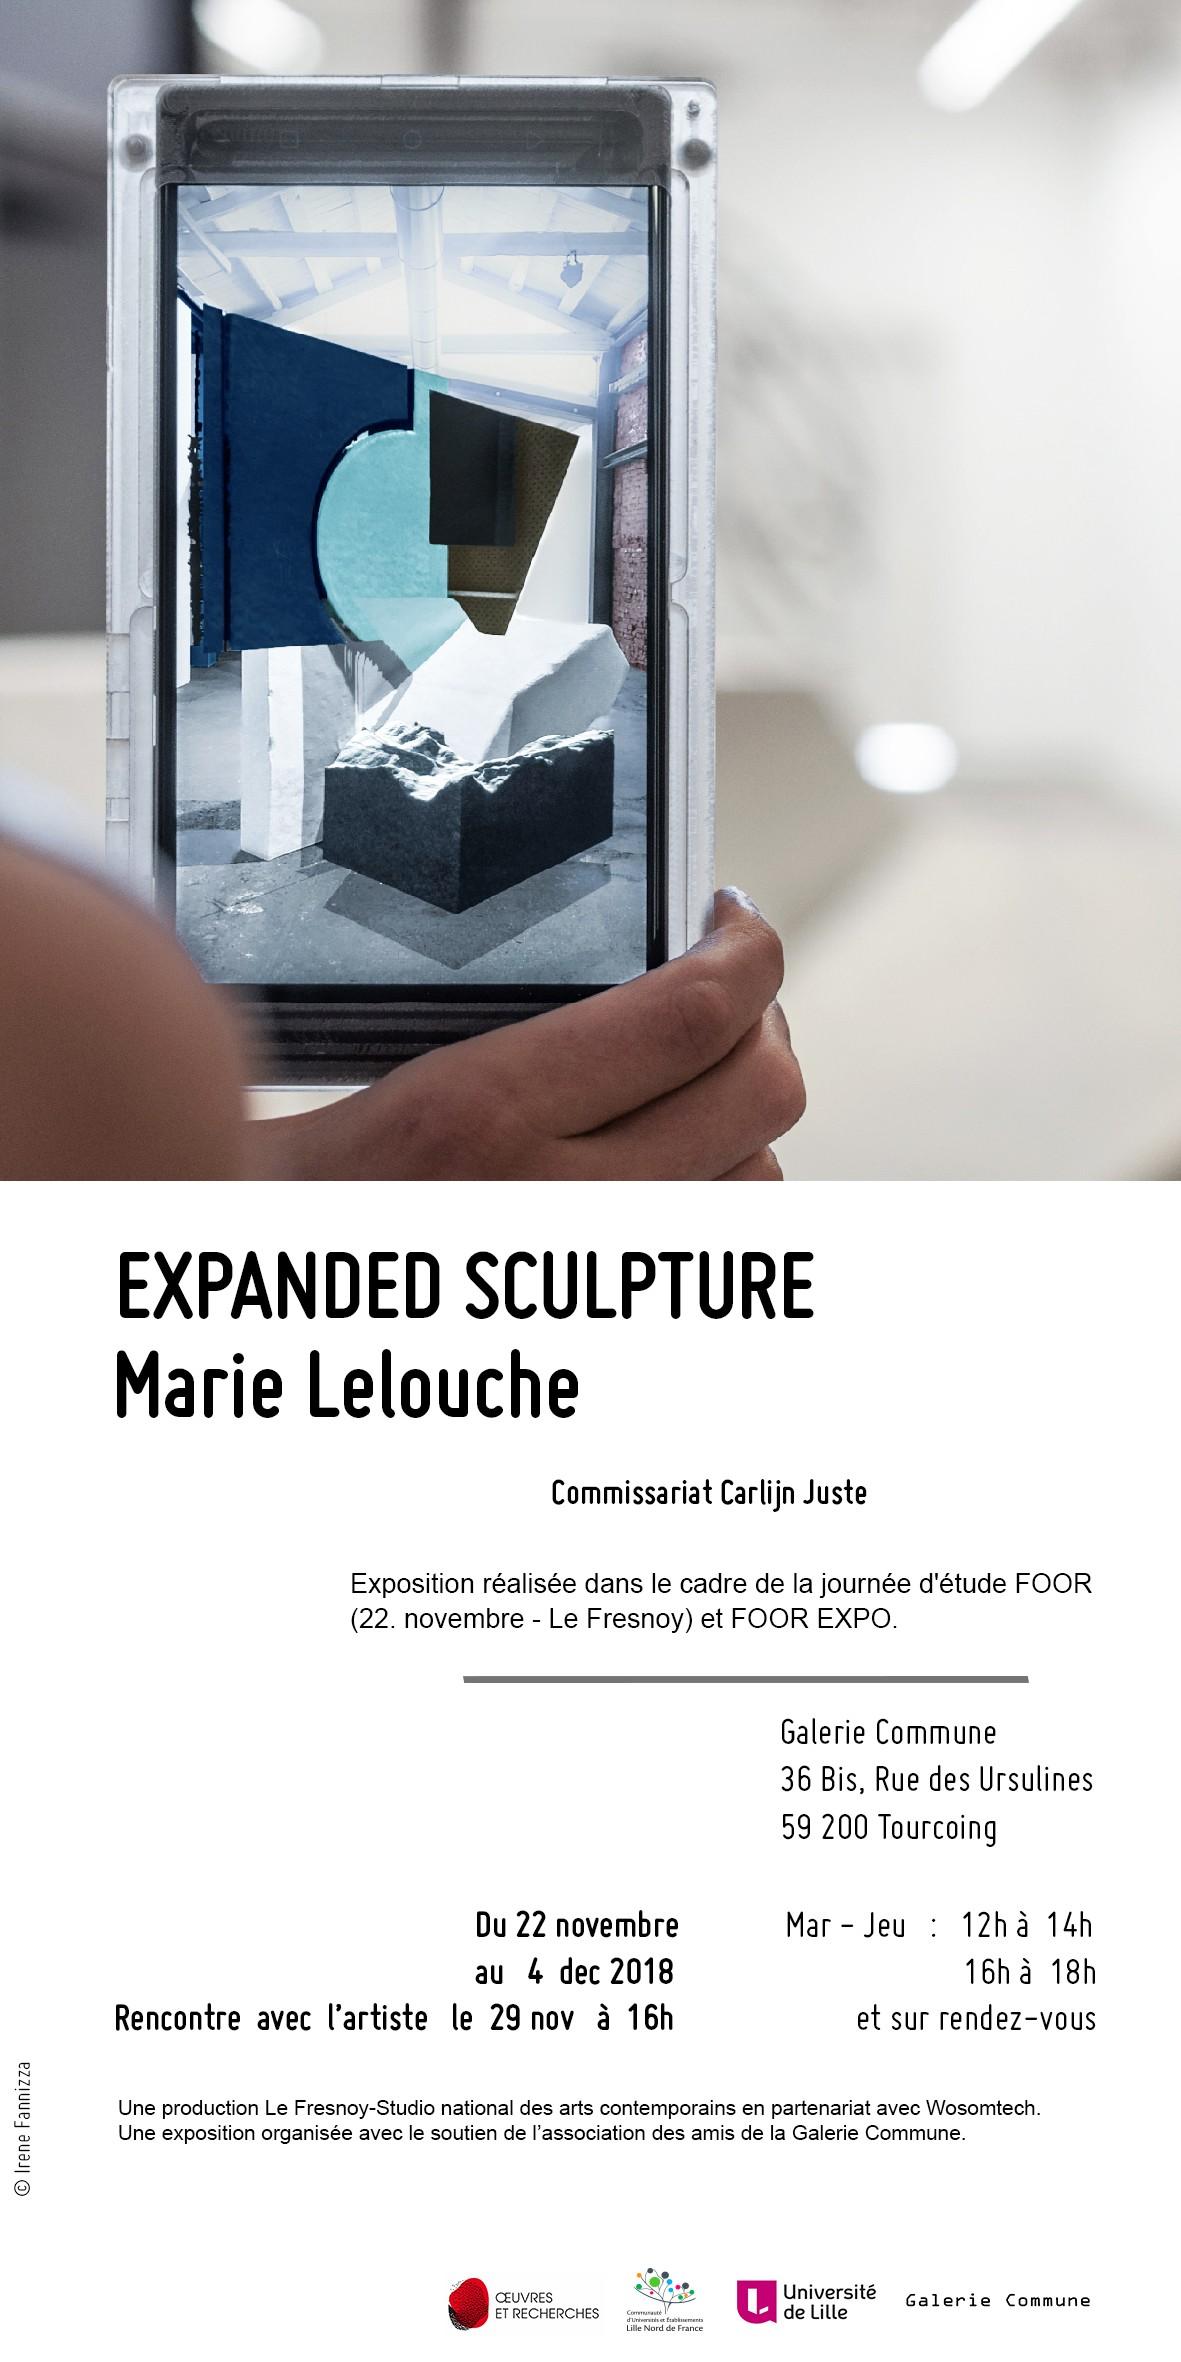 Exposition Expanded Sculpture dans le cadre de Foor